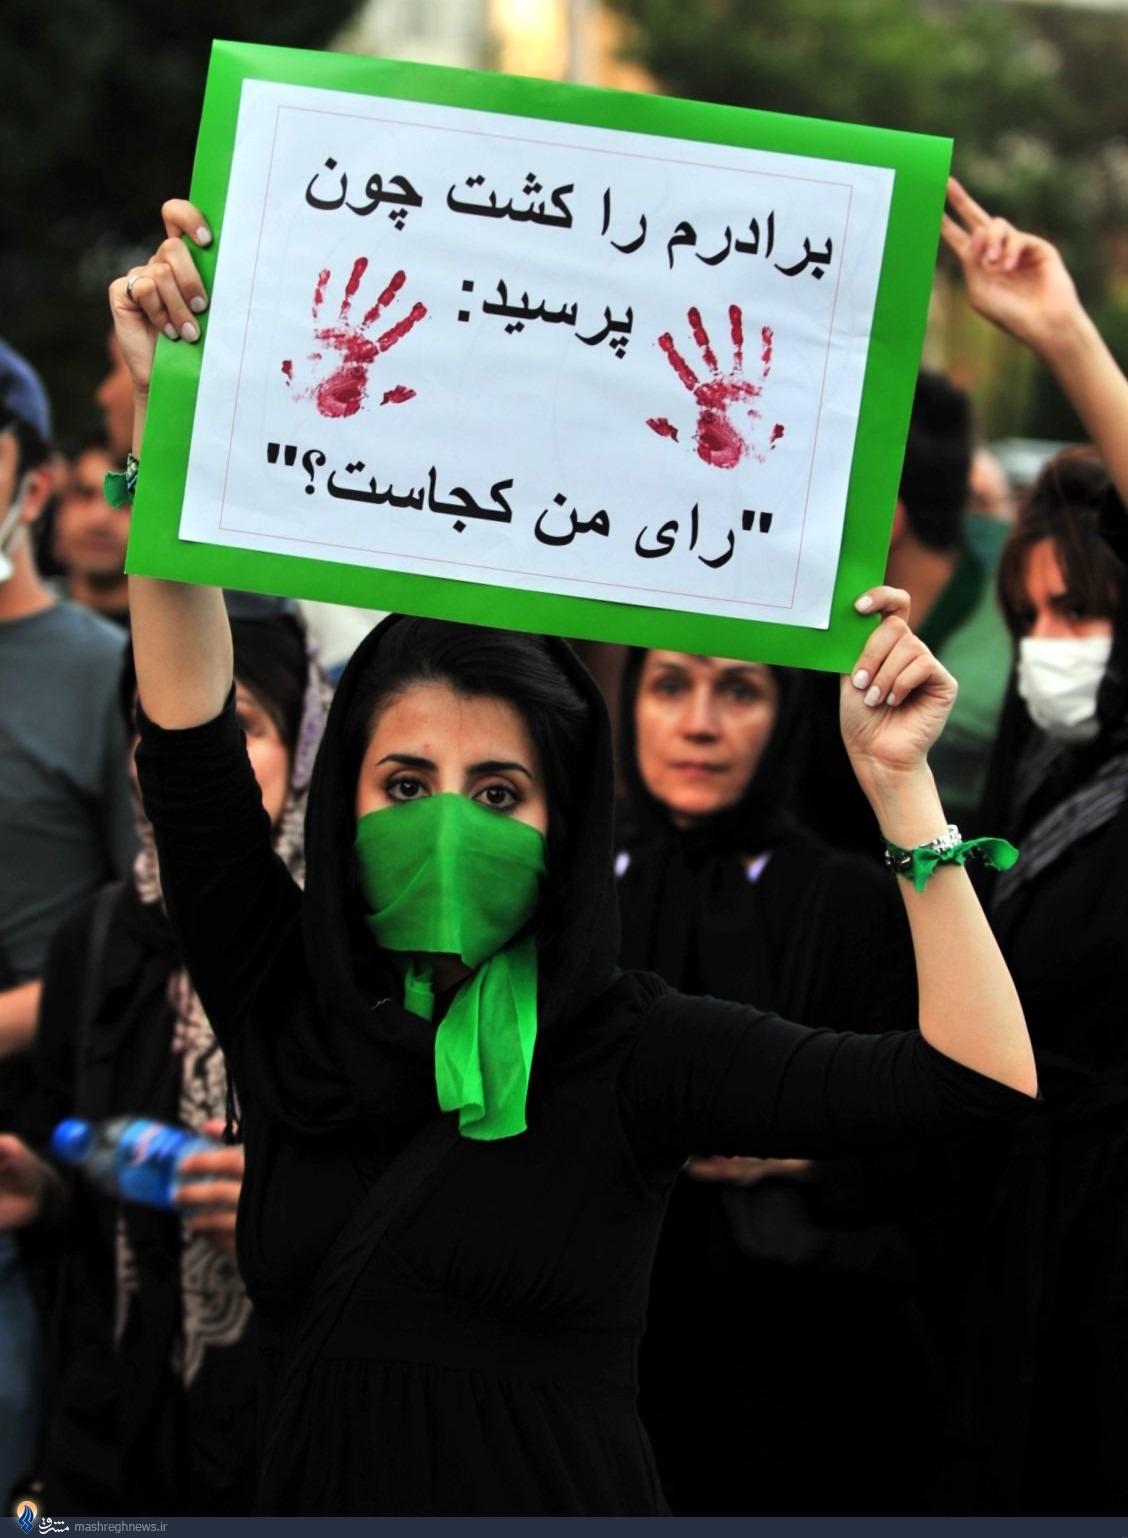 اعتبارزدایی از جمهوری اسلامی؛ یا محبوبیت زدایی از خاتمی